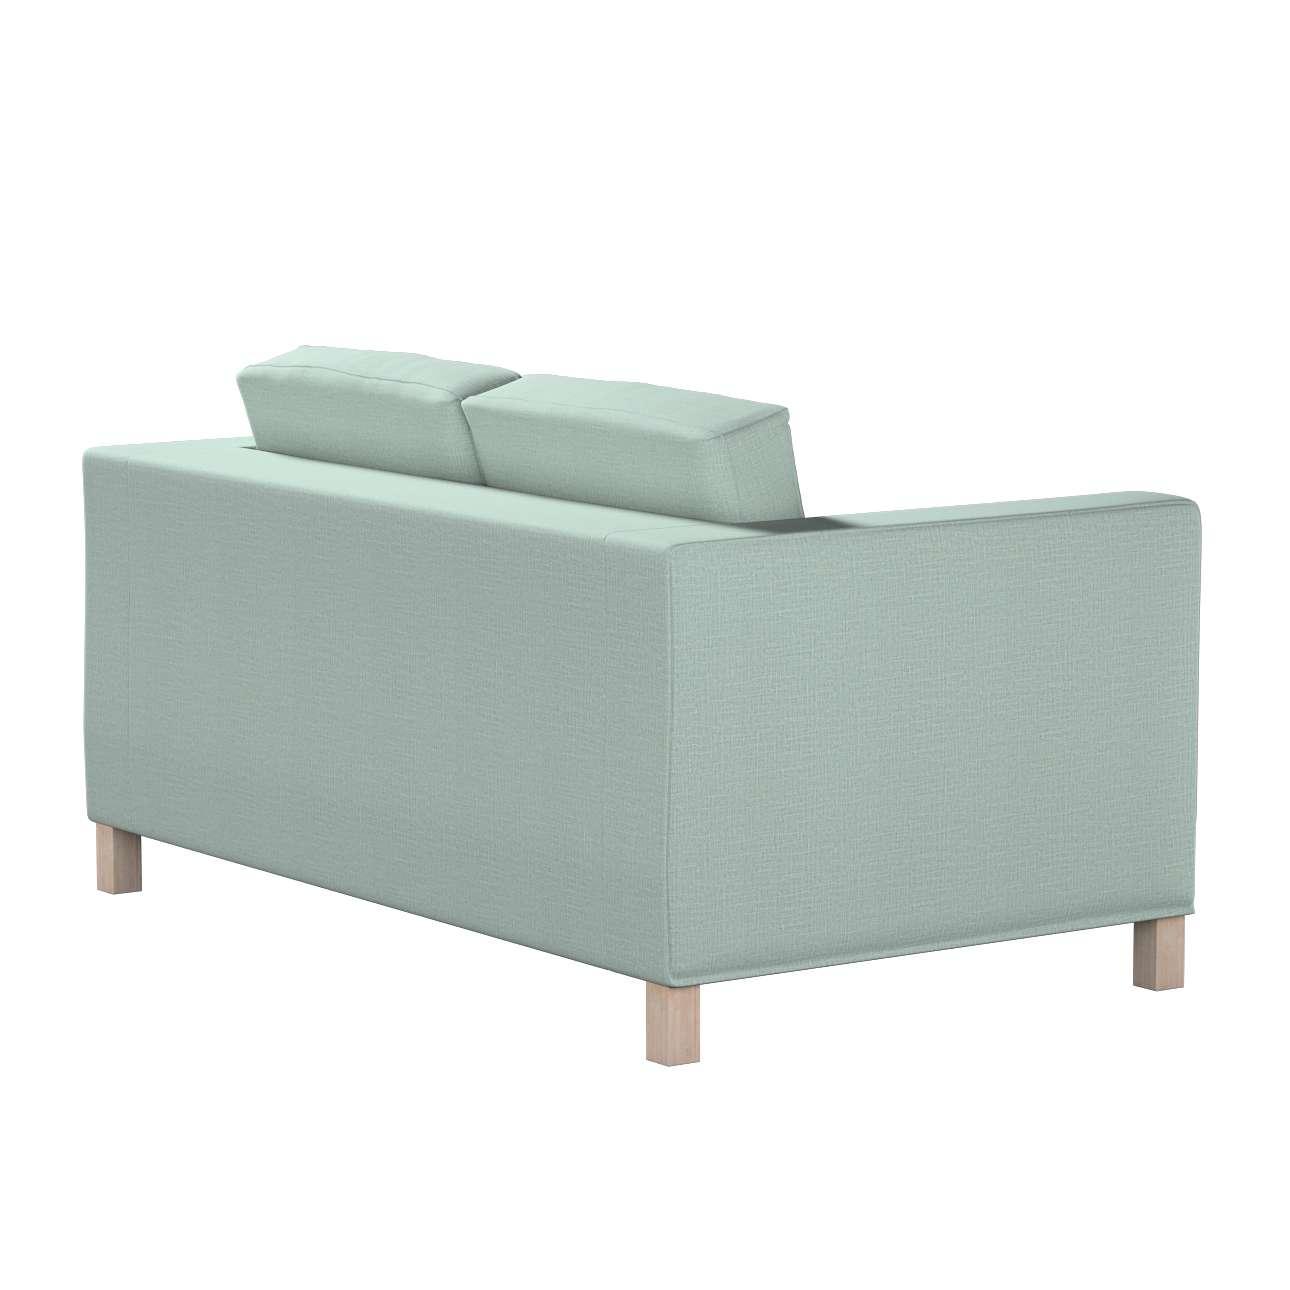 Potah na pohovku IKEA  Karlanda 2-místná, krátký v kolekci Living II, látka: 160-86